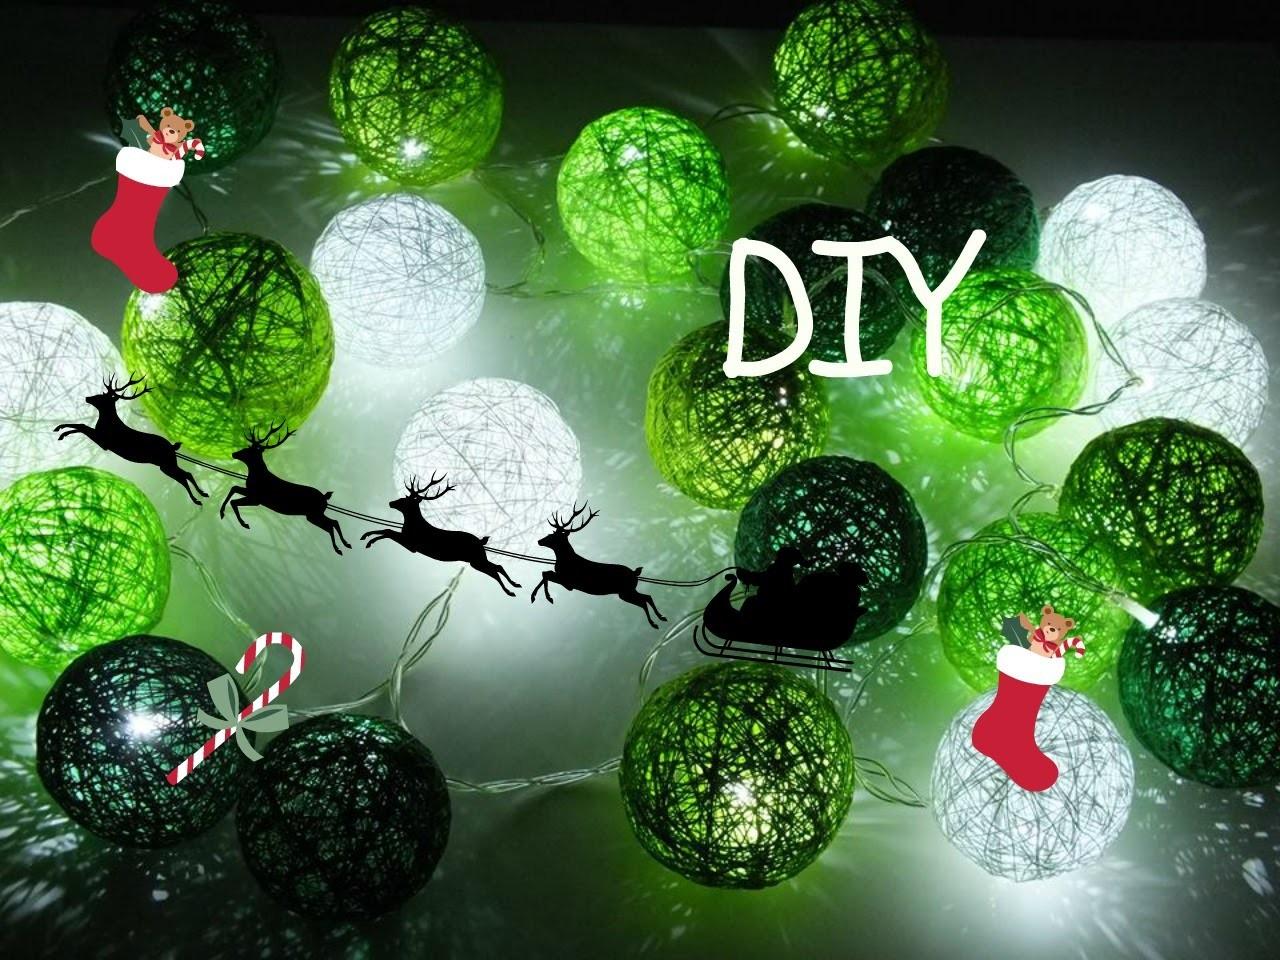 Idą Święta #pomysł na prezent DIY. Cottonballs lights